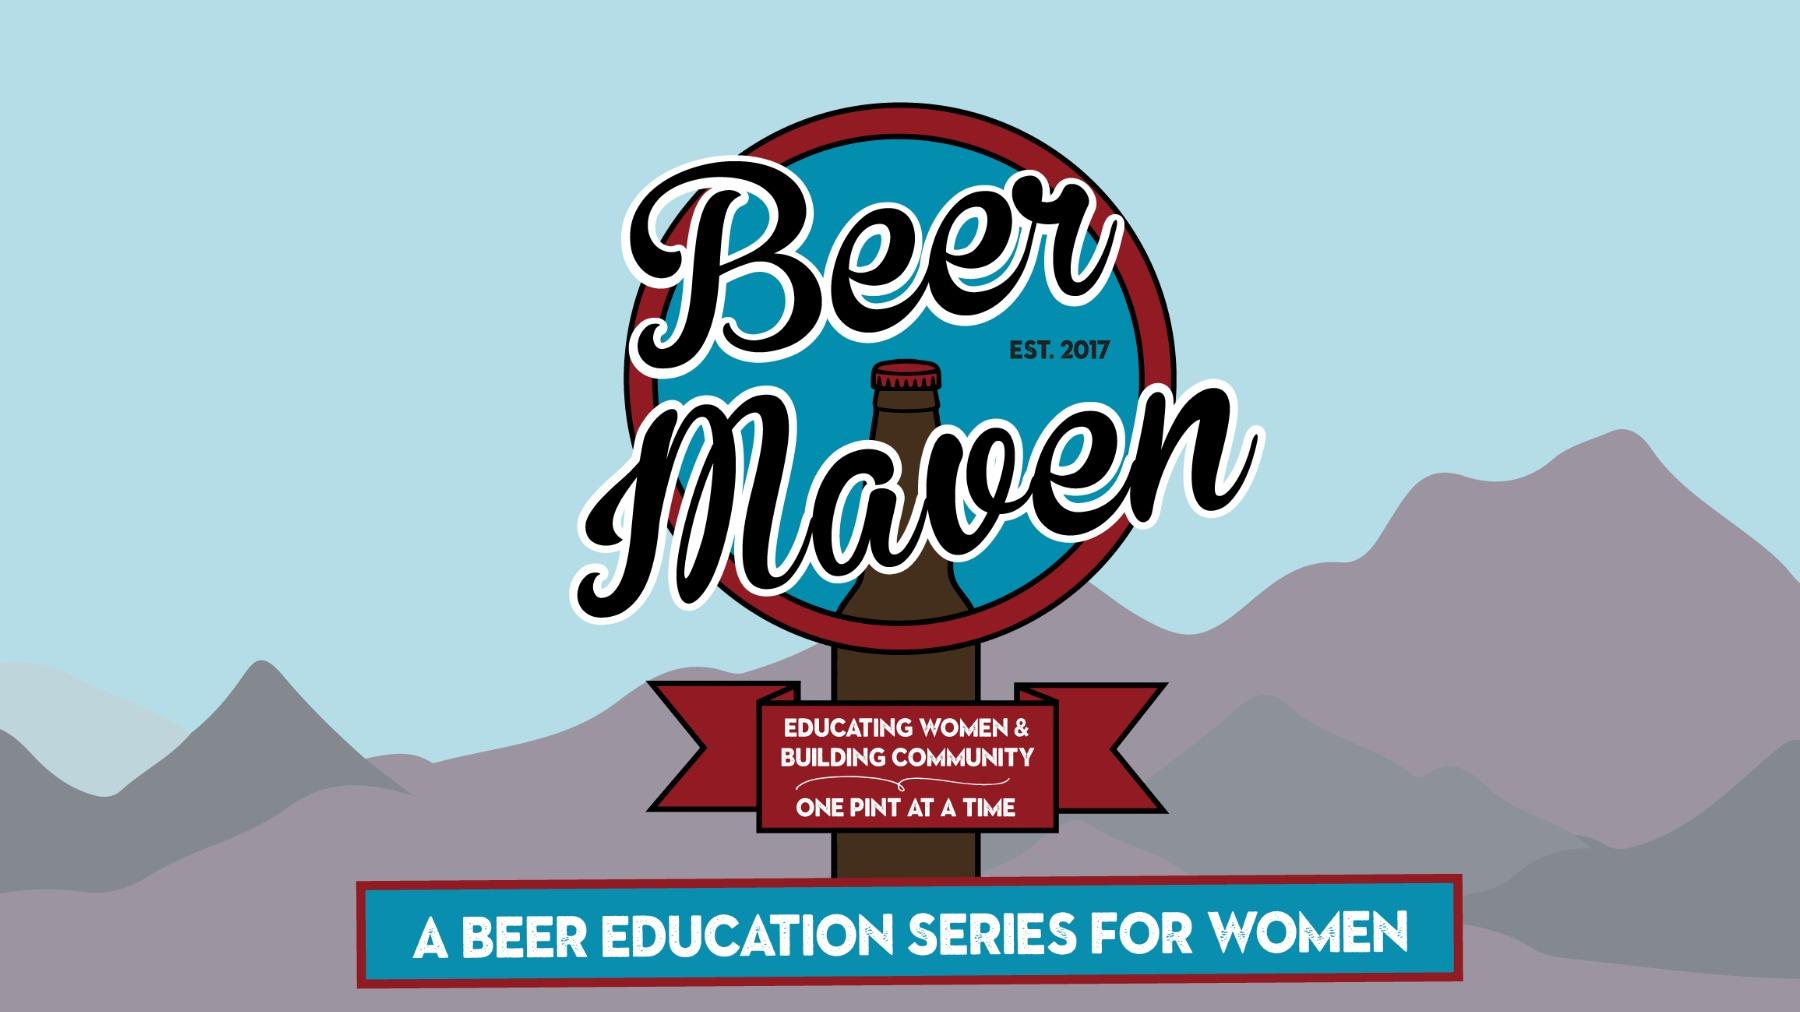 Beer Maven: Beer Education Series for Women